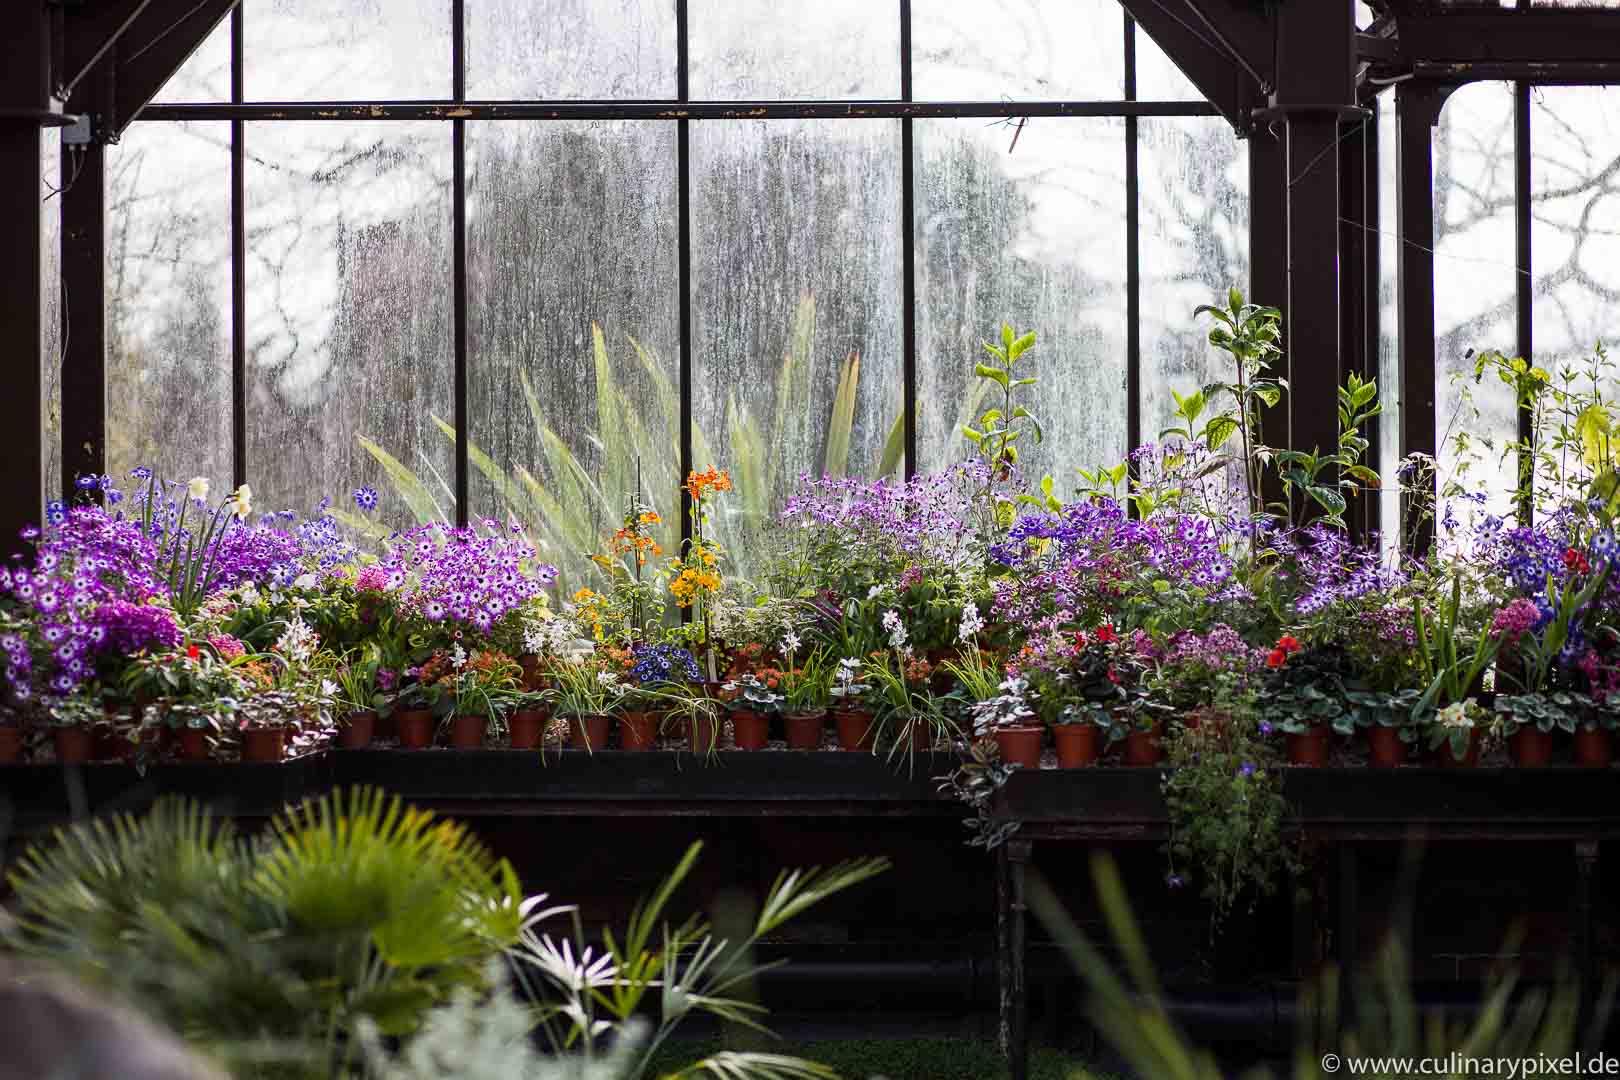 Glasgow Botanischer Garten